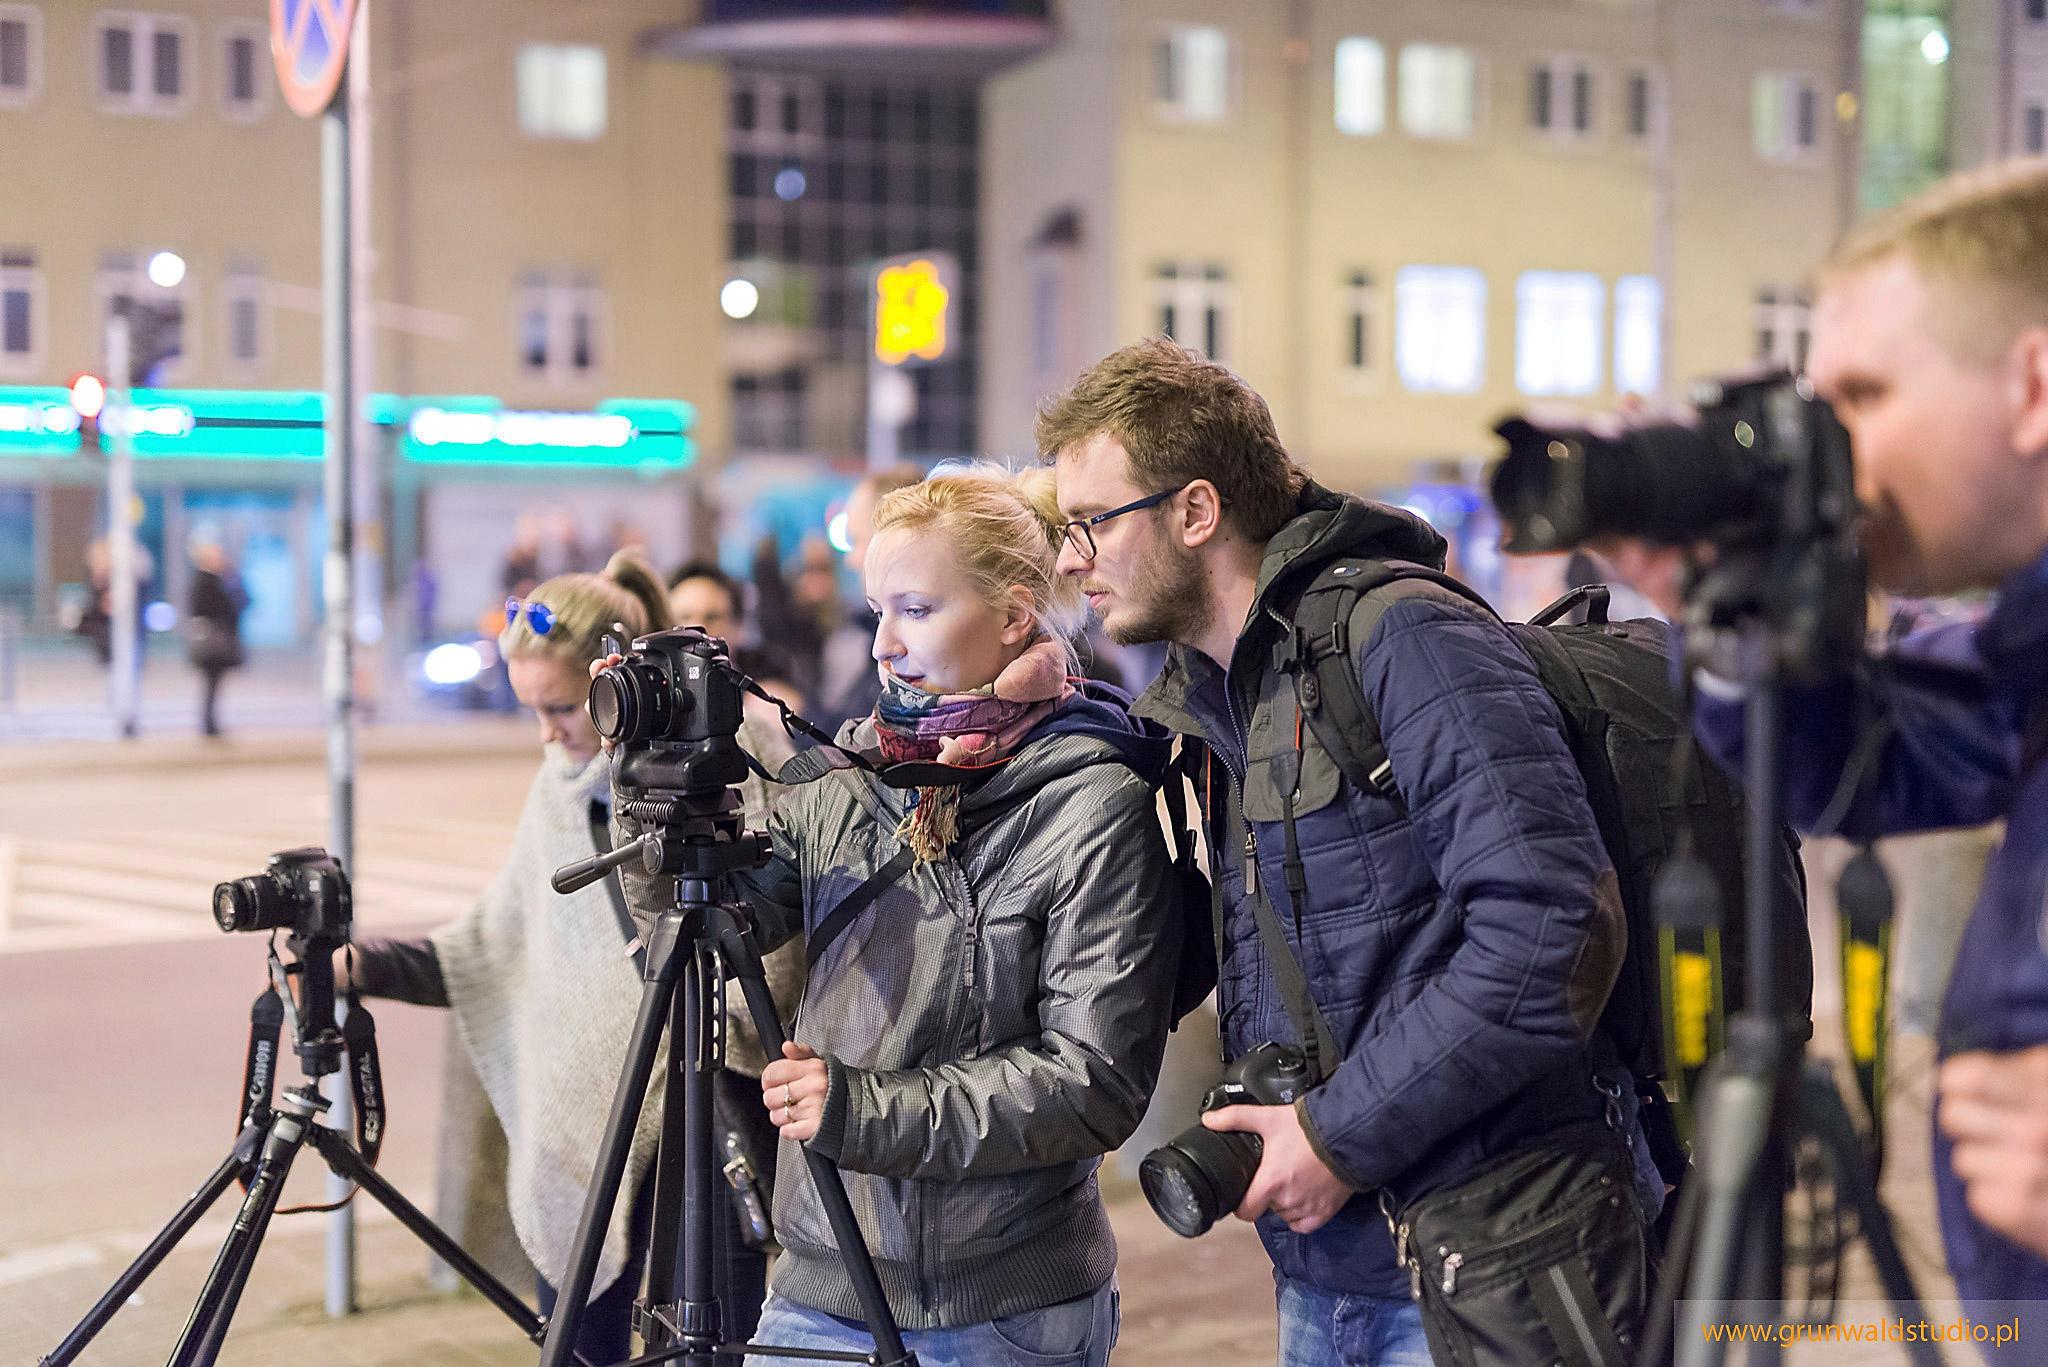 Grunwald-Studio-Kurs-Fotografii-Wrocław-Fotograf-Wrocław-Kursy-fotograficzne-Wrocław-33